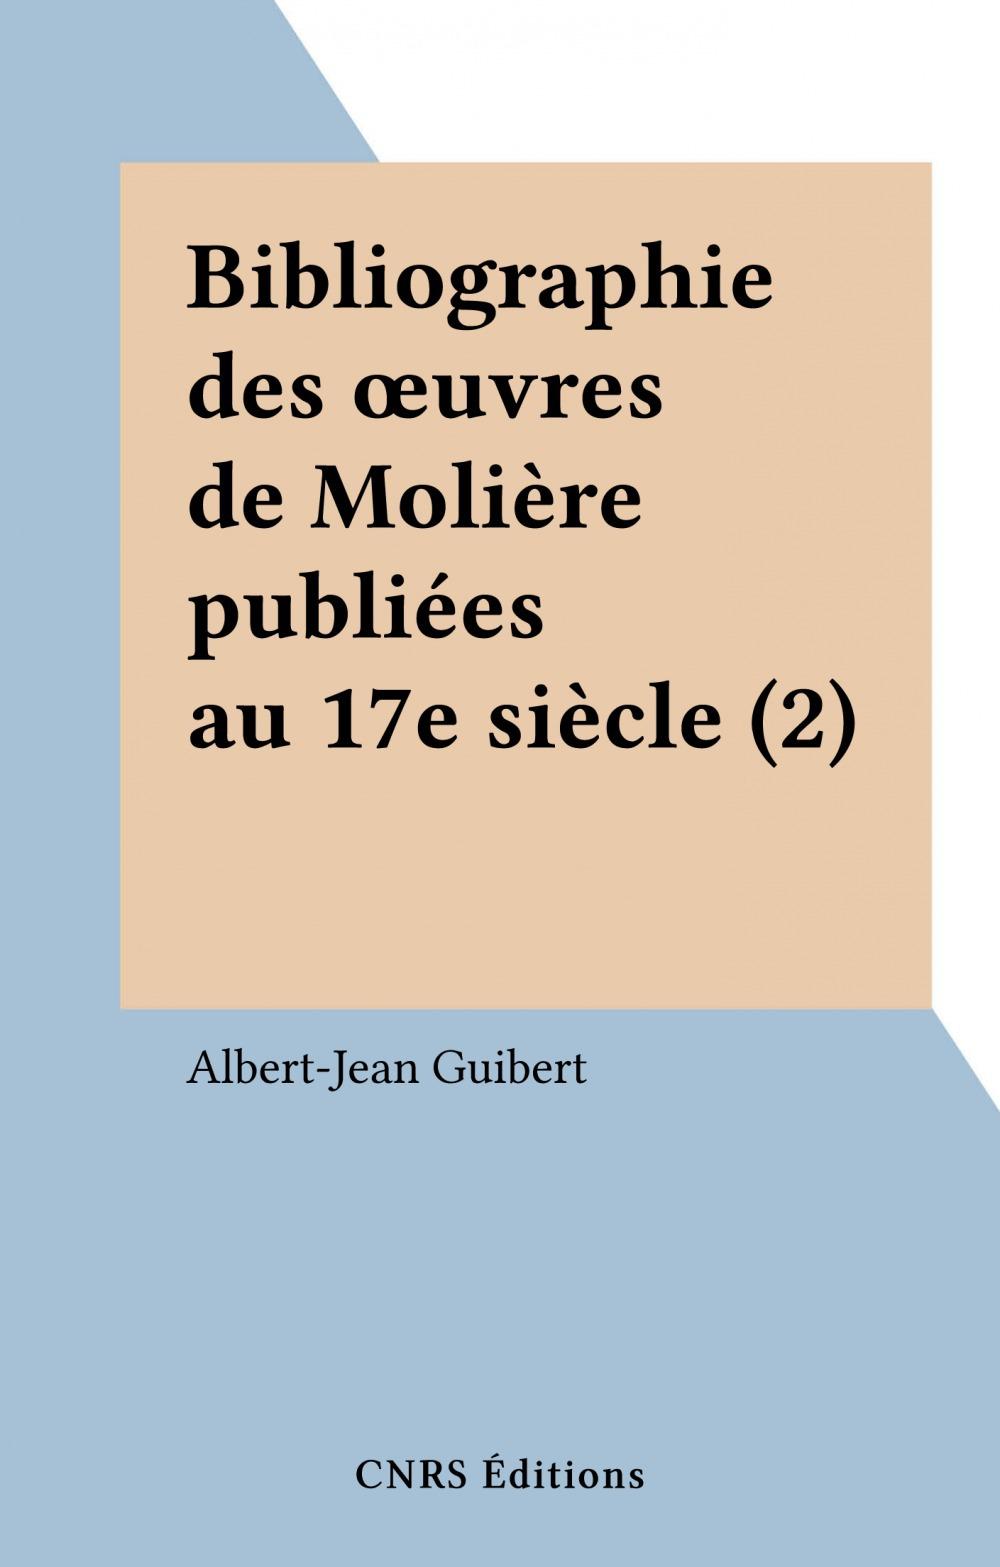 Bibliographie des oeuvres de Molière publiées au 17e siècle (2)